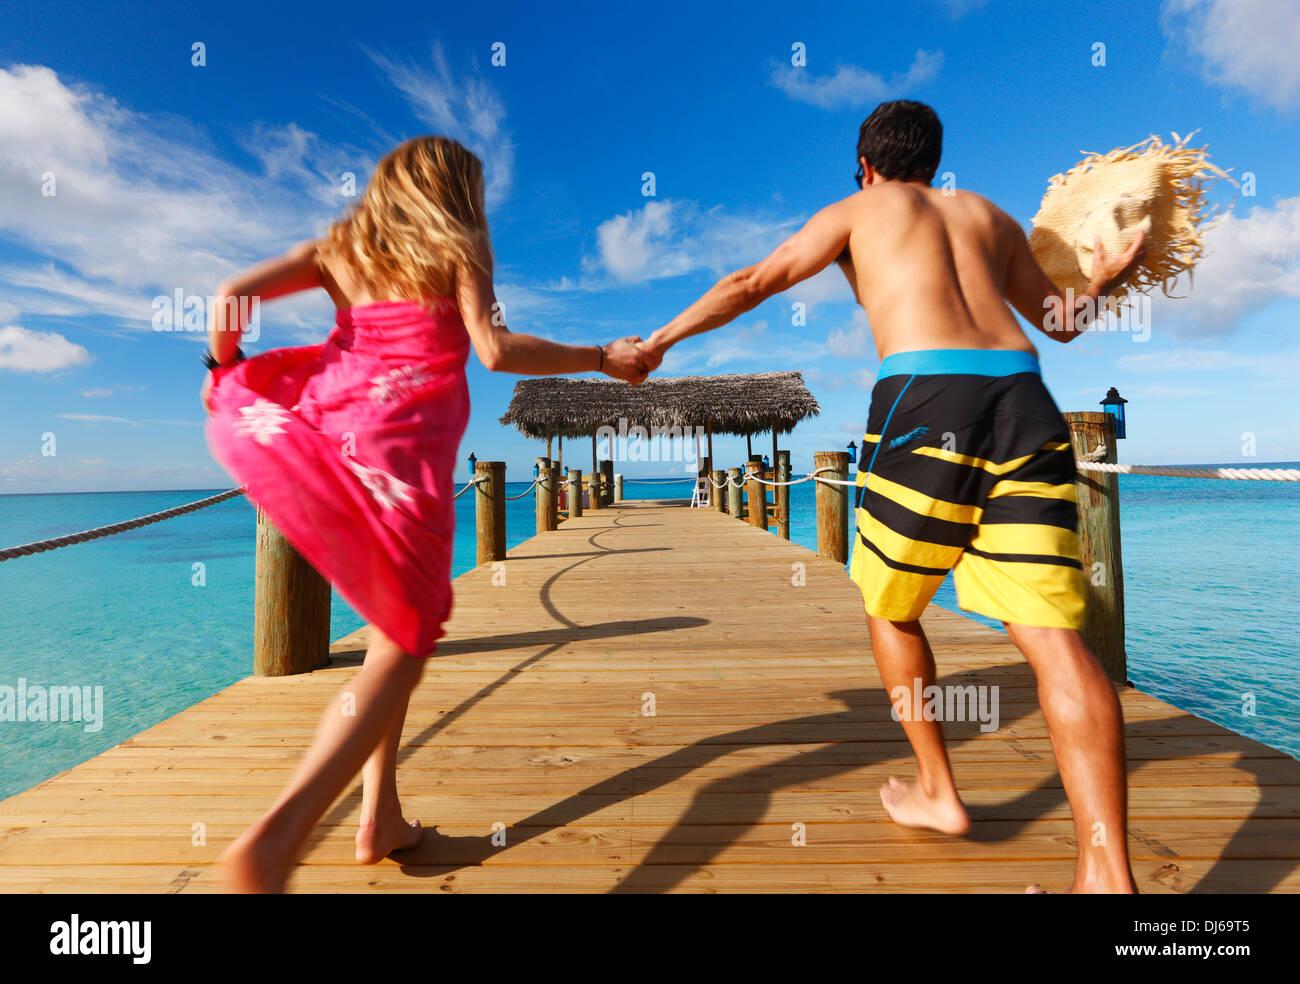 Jeune couple d'exécution sur la jetée en bois. Nassau, Bahamas, Caraïbes. Photo Stock